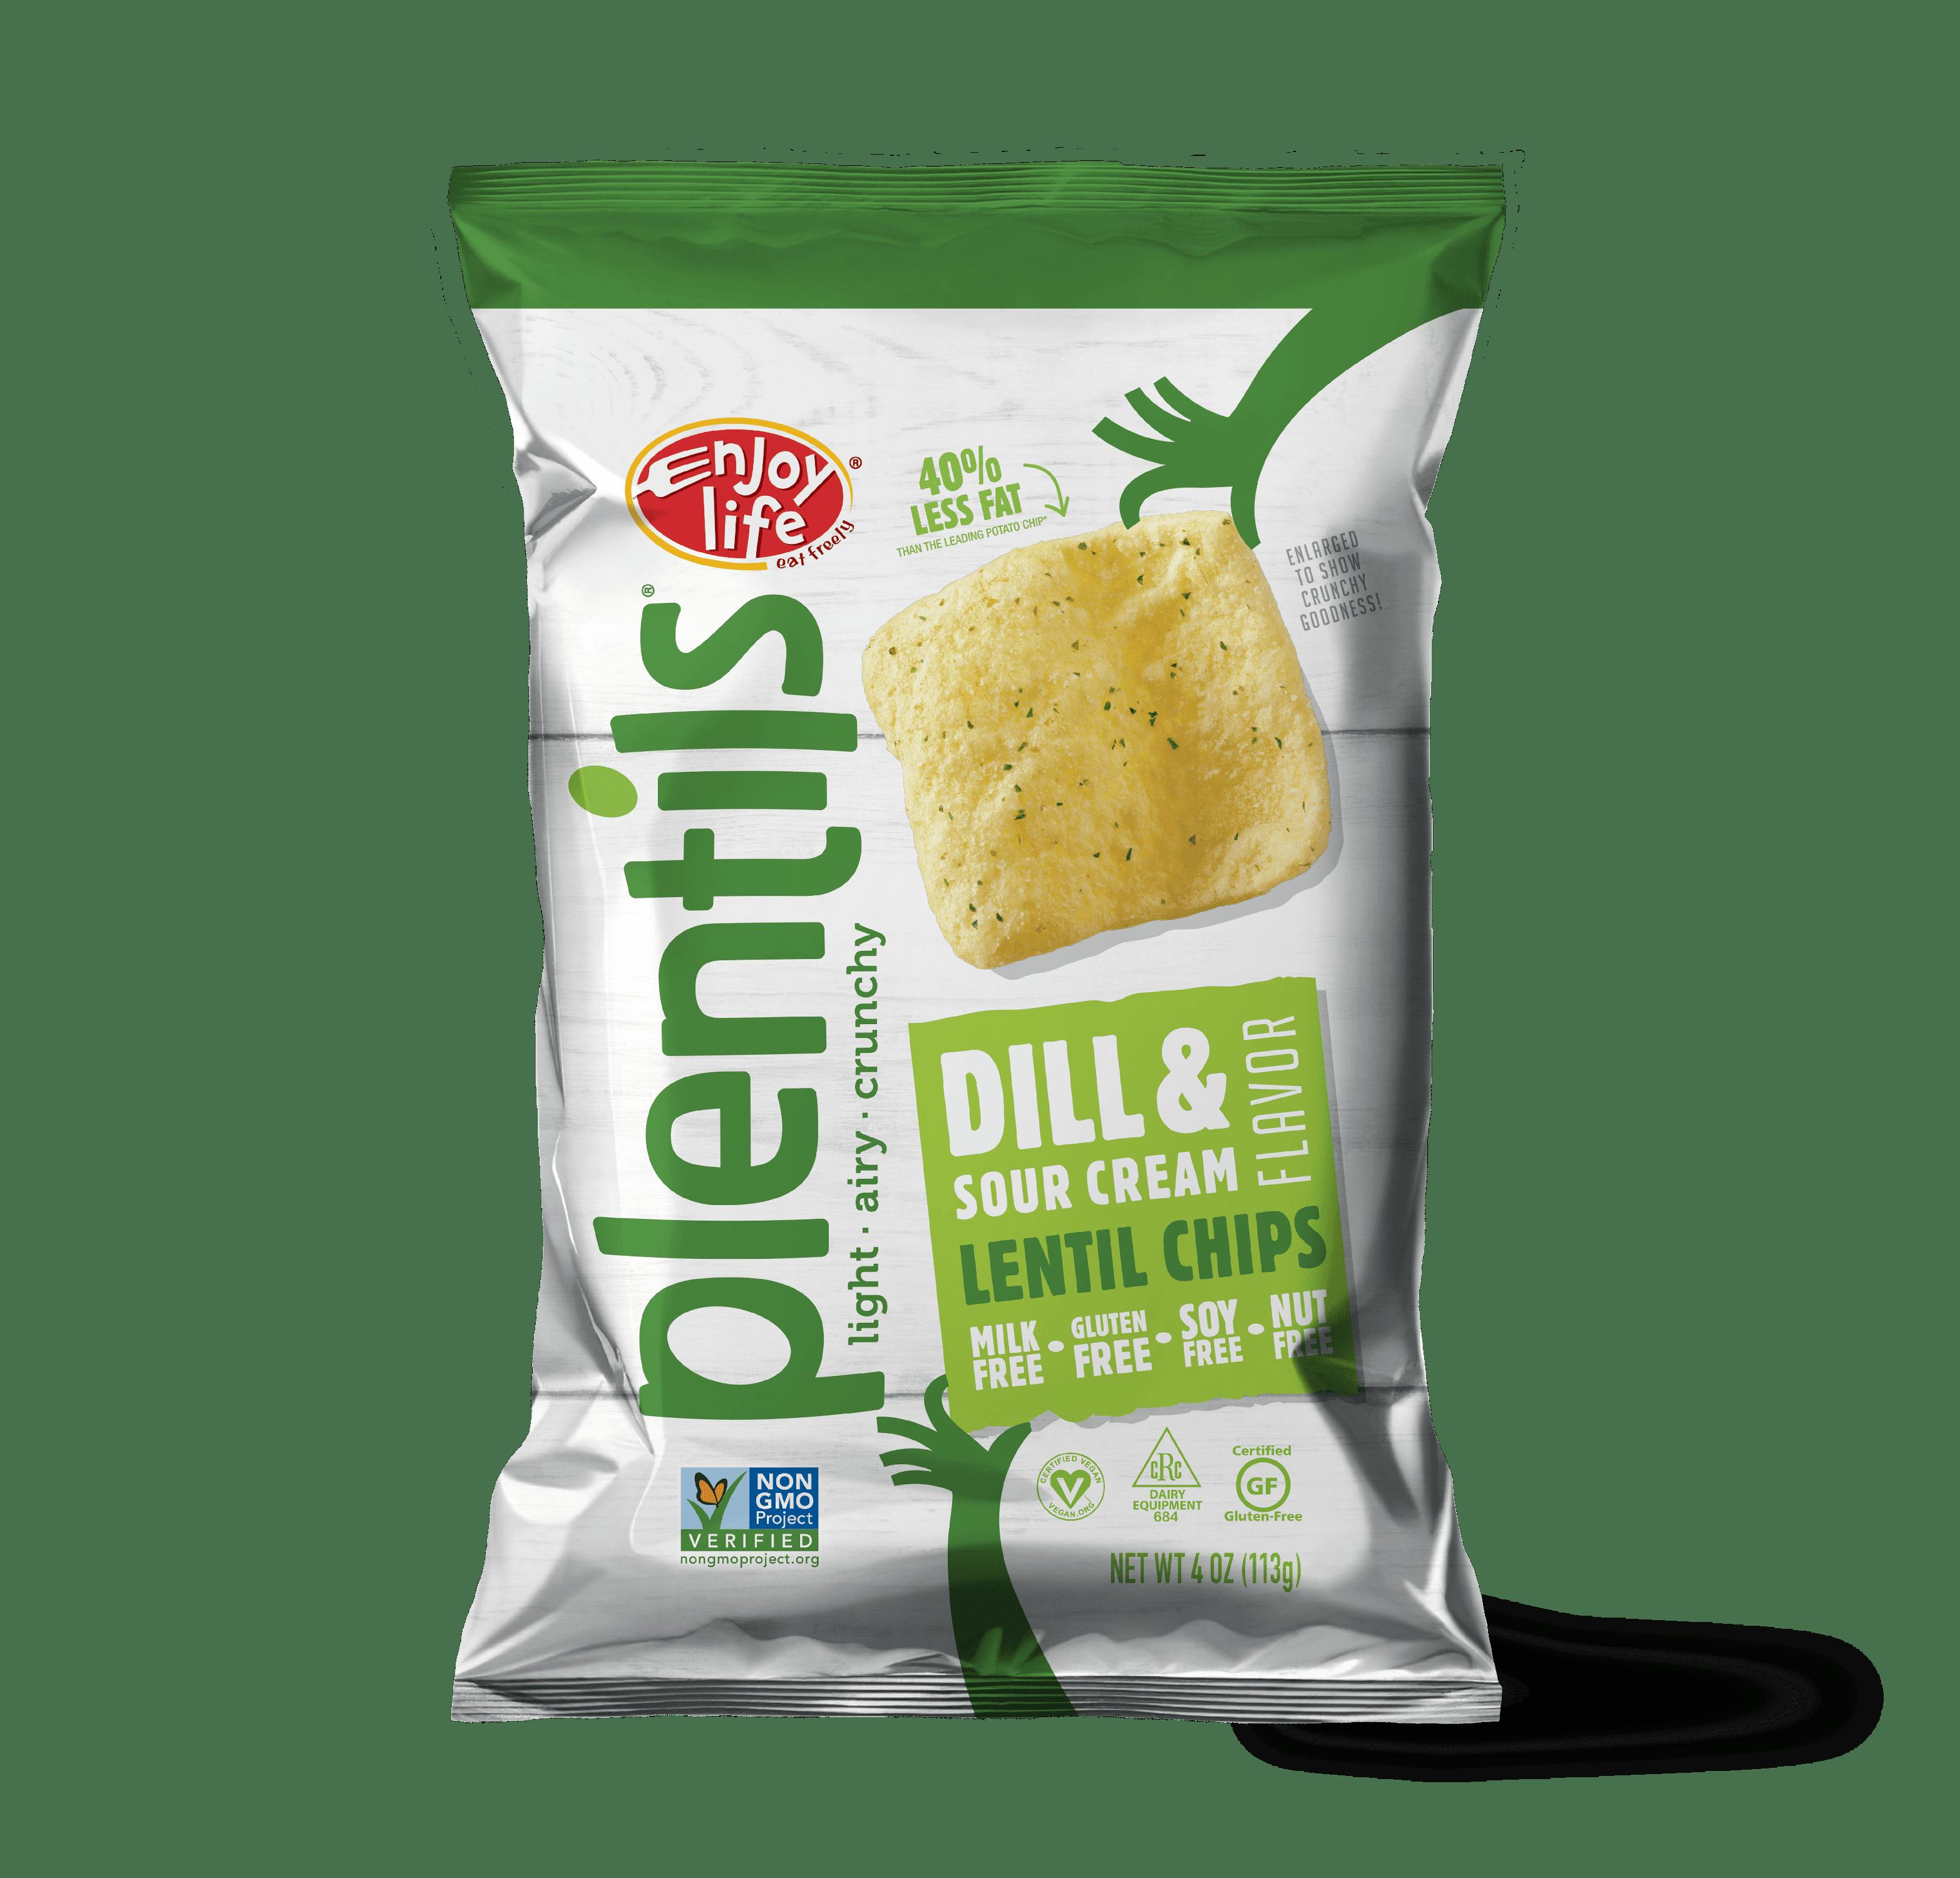 Enjoy Life Plentils Lentil Chips Dill & Sour Cream, 4.0 OZ